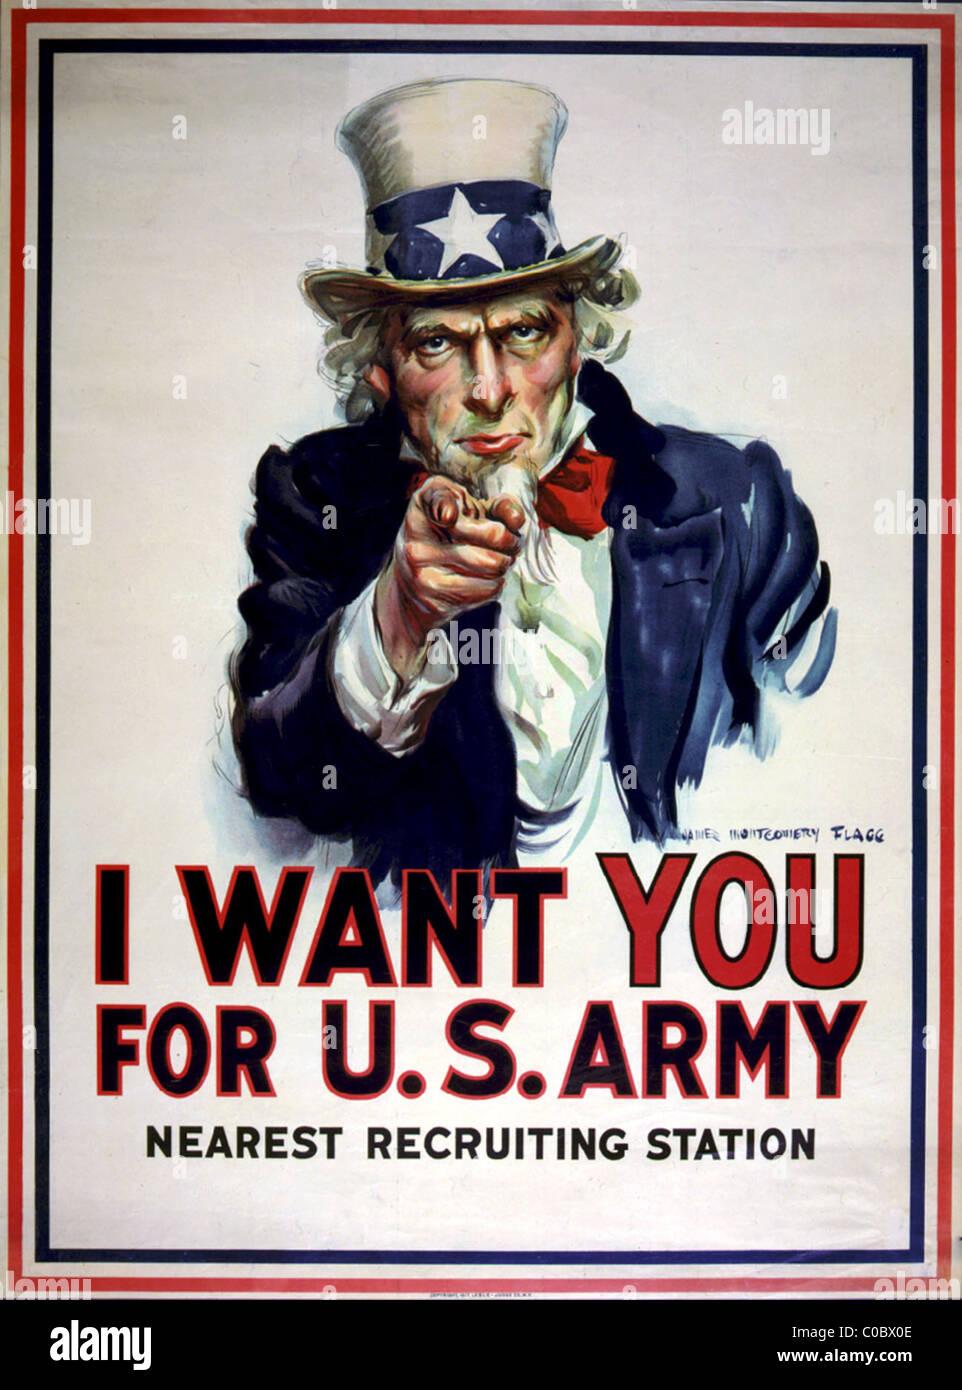 Oncle Sam affiche de recrutement pour l'Armée américaine Banque D'Images